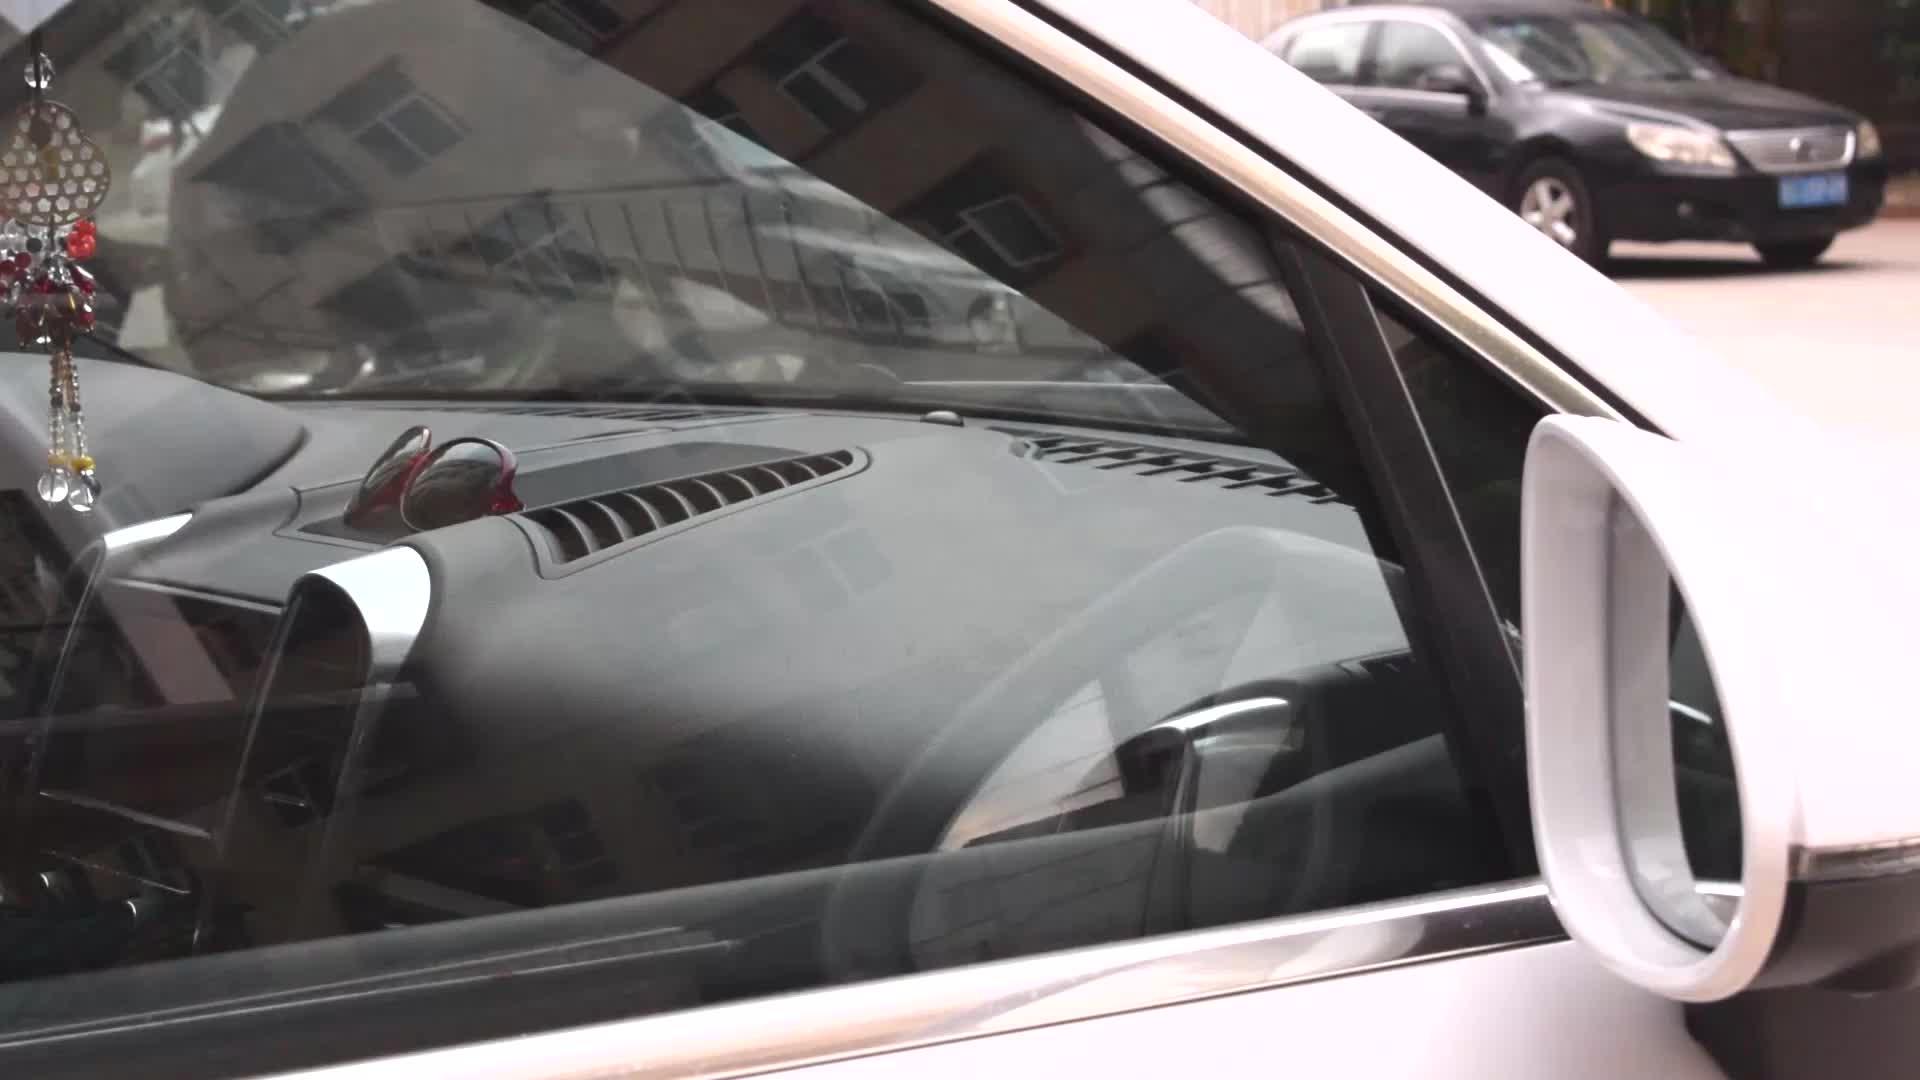 Kaymaz Yıkanabilir Kullanımlık Oto Araba Dashboard İç Dekorasyon telefon dağı